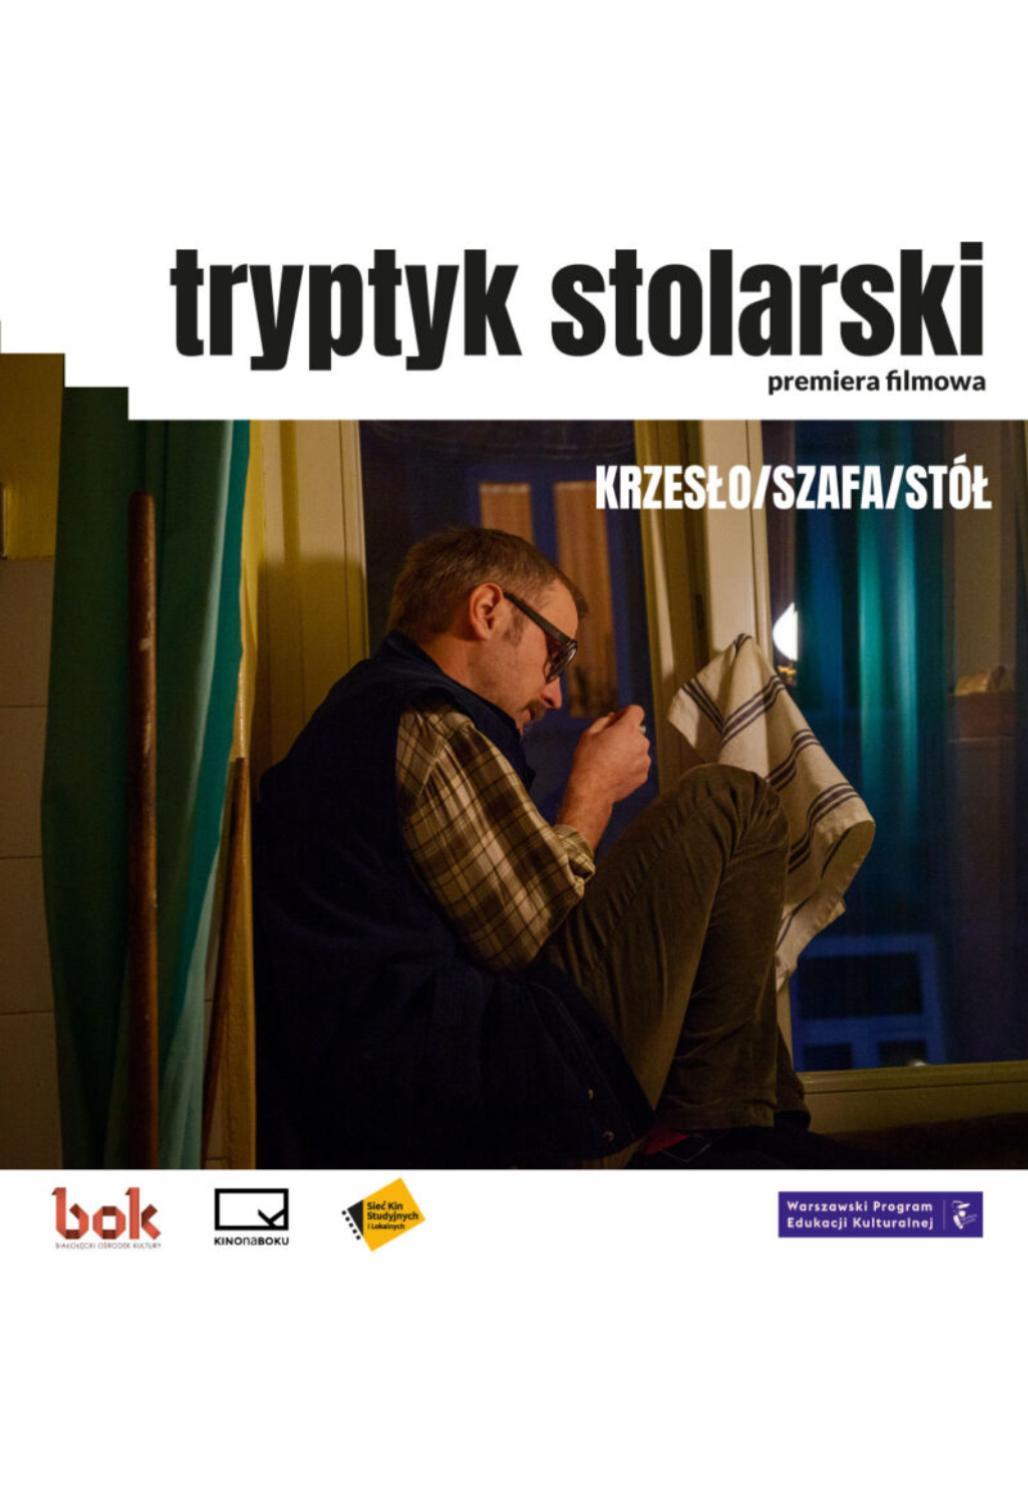 Tryptyk Stolarski